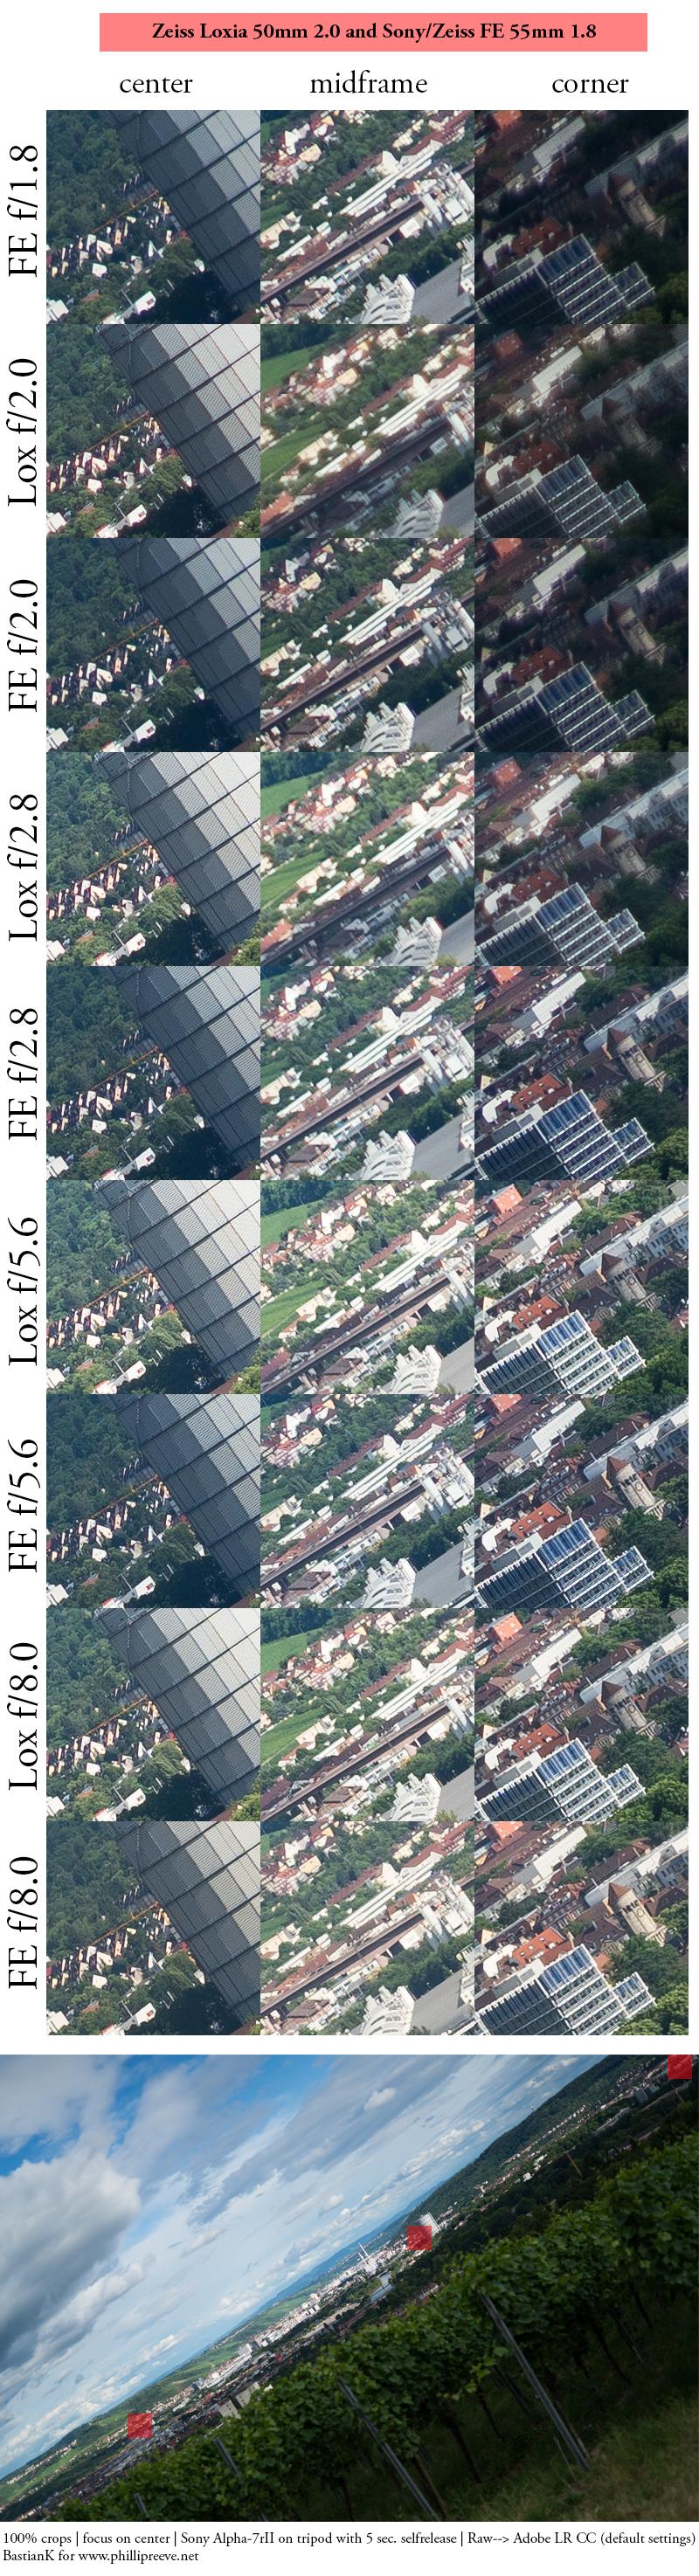 loxia fe 55 1.8 sony/zeiss zony 50 2.0 comare comparison vergleich